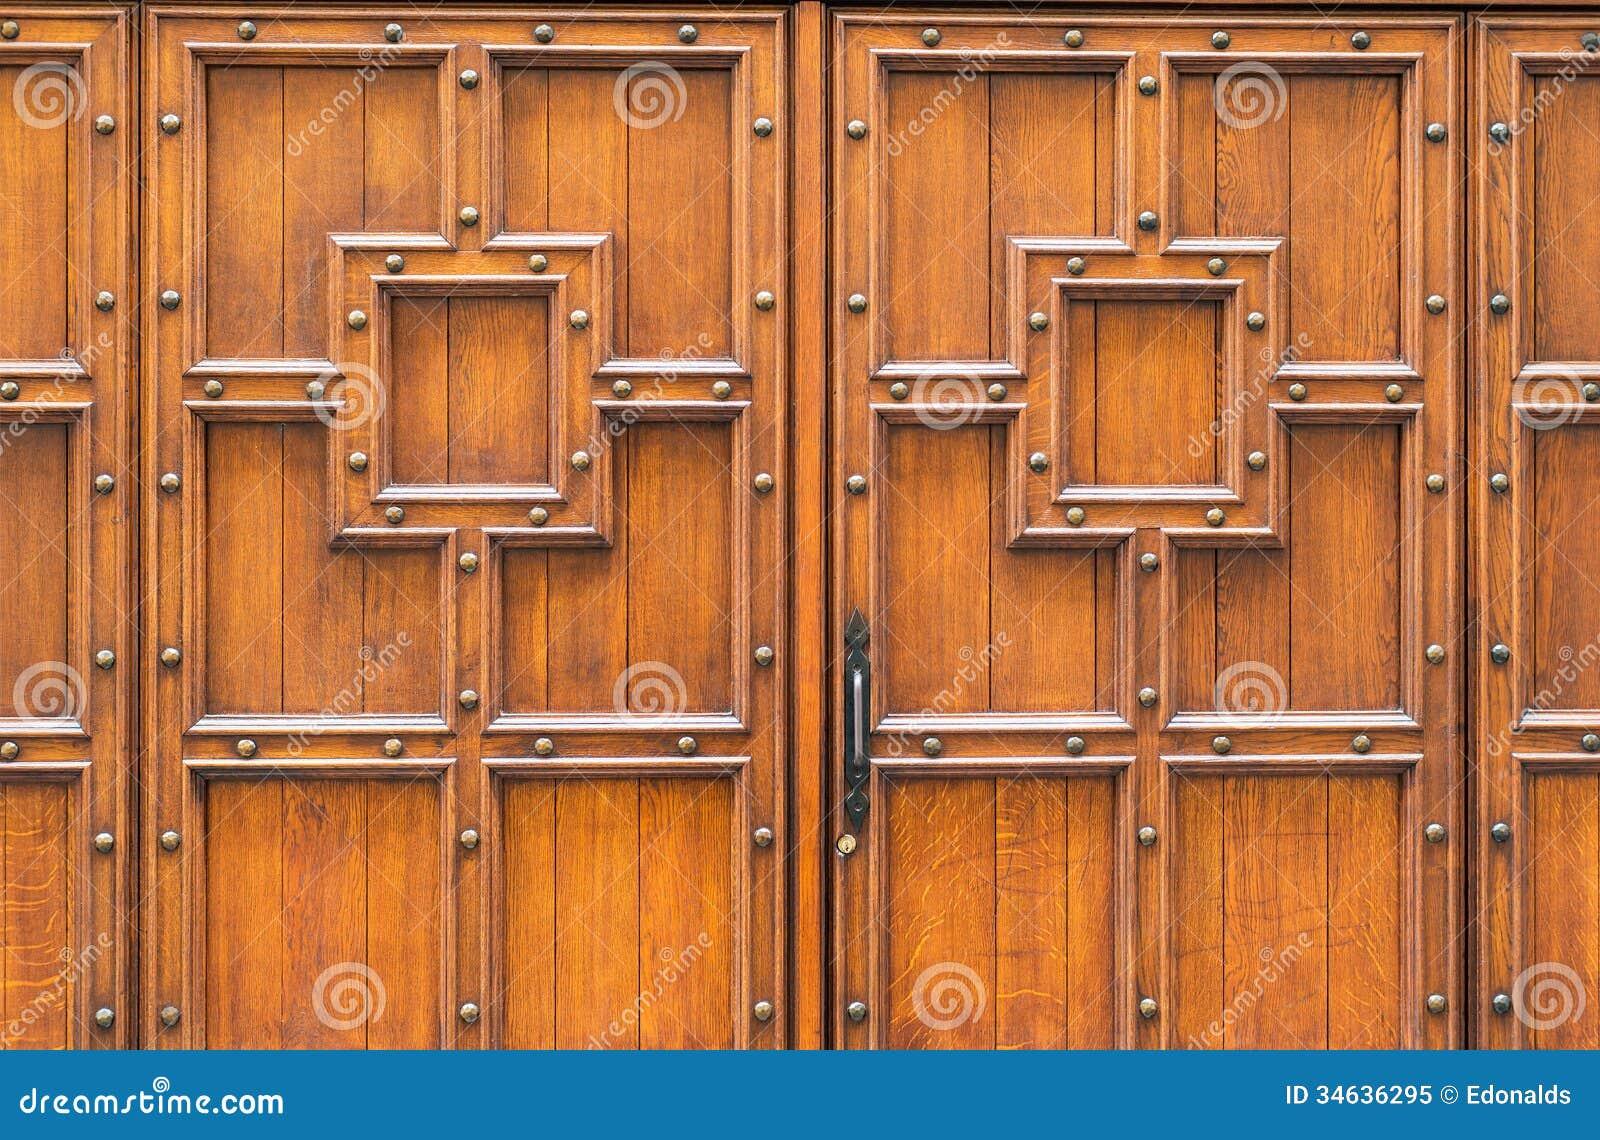 943 #83AA21 Door Design Closeup Photo Two Wooden Doors 34636295.jpg pic Wooden Doors Design 41911300